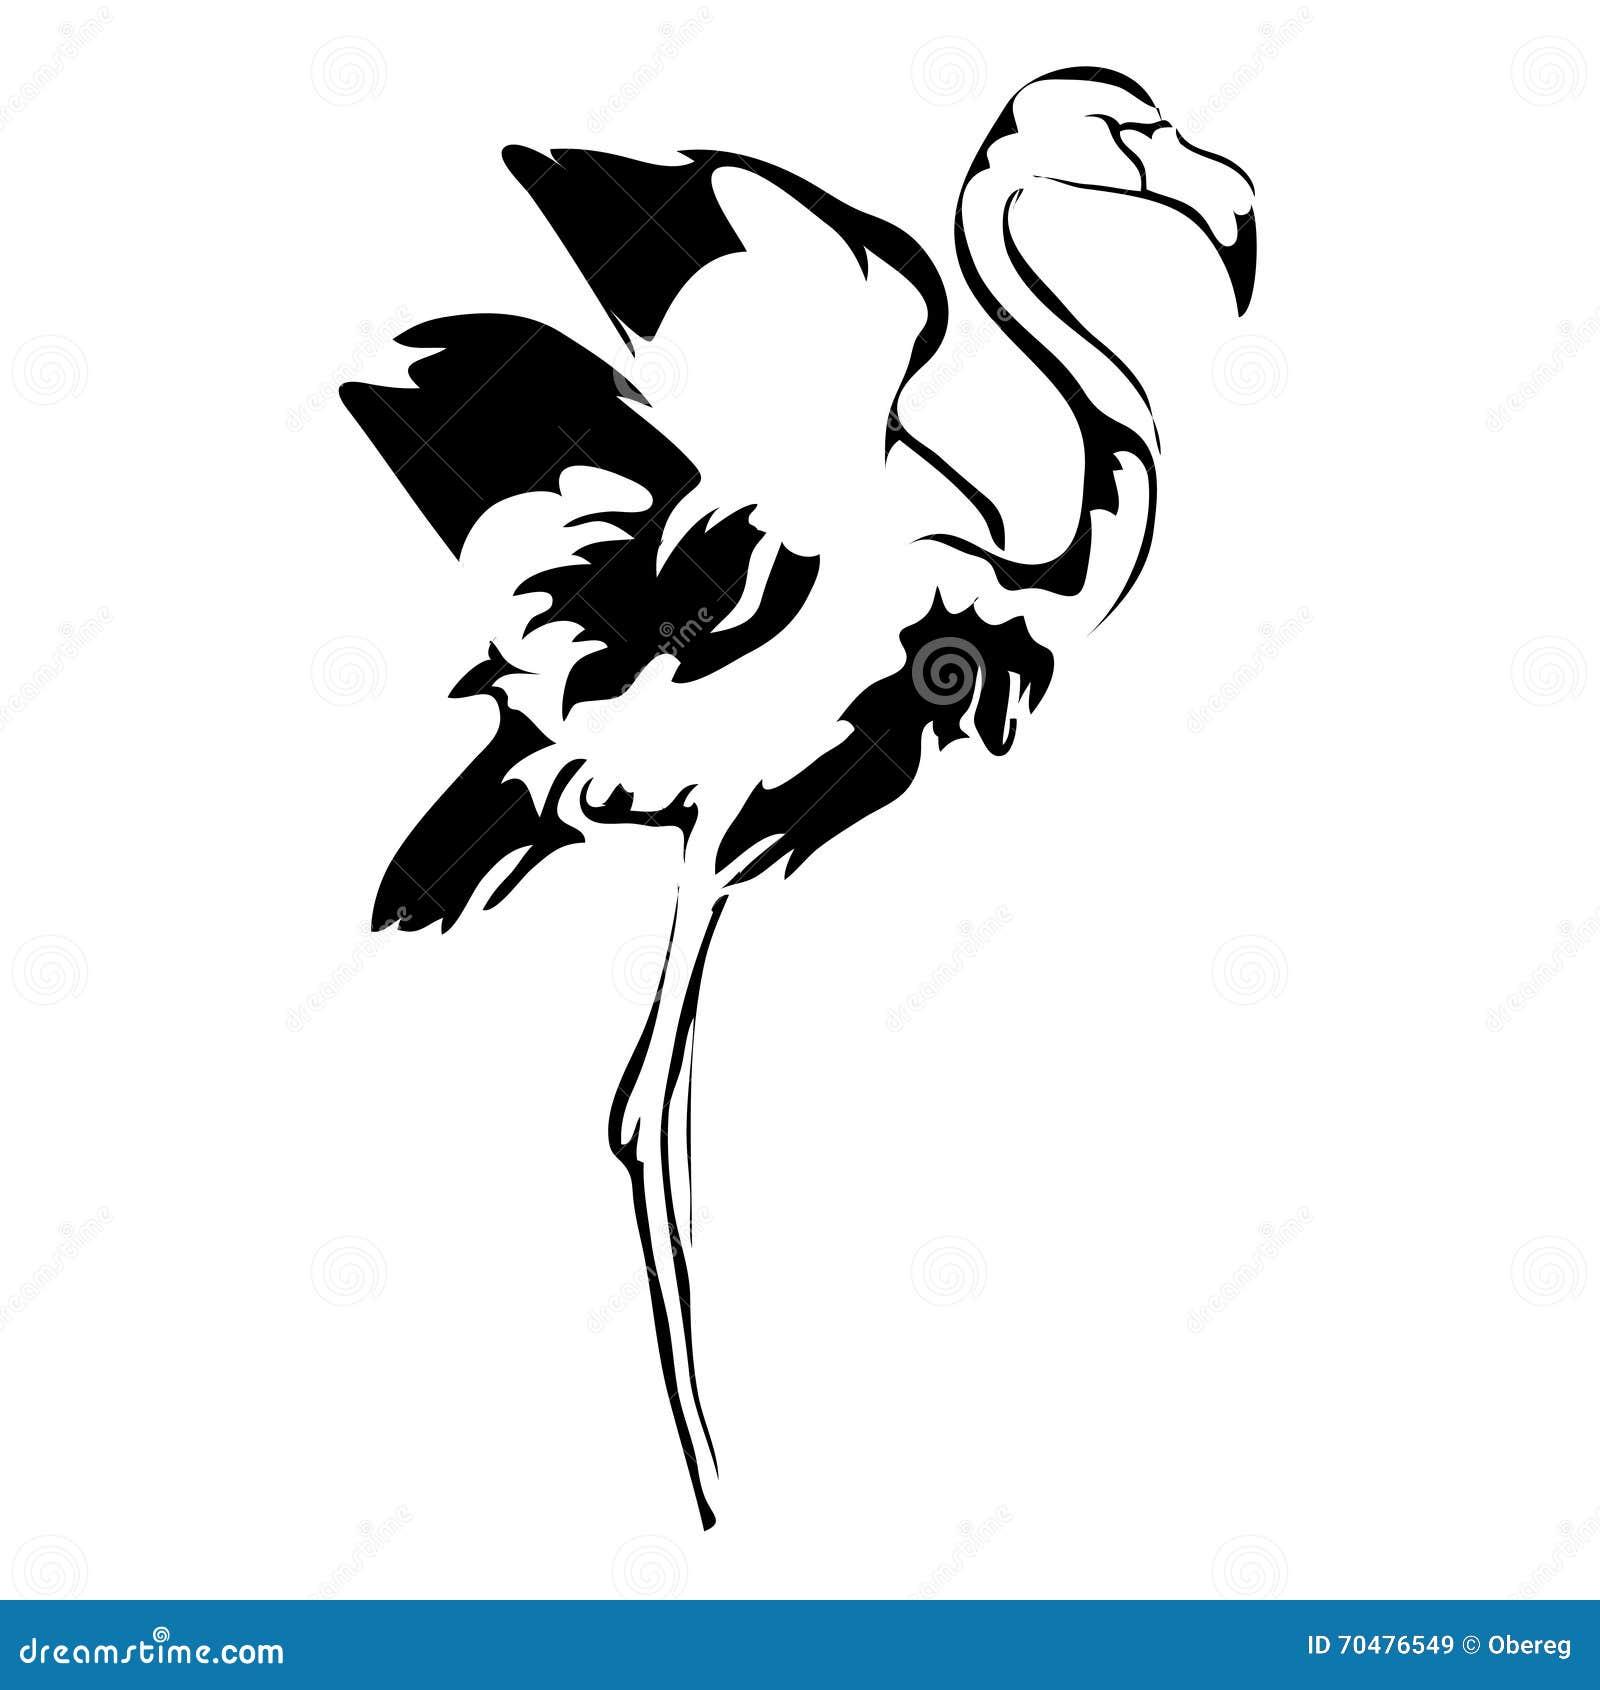 how to draw a cartoon flamingo